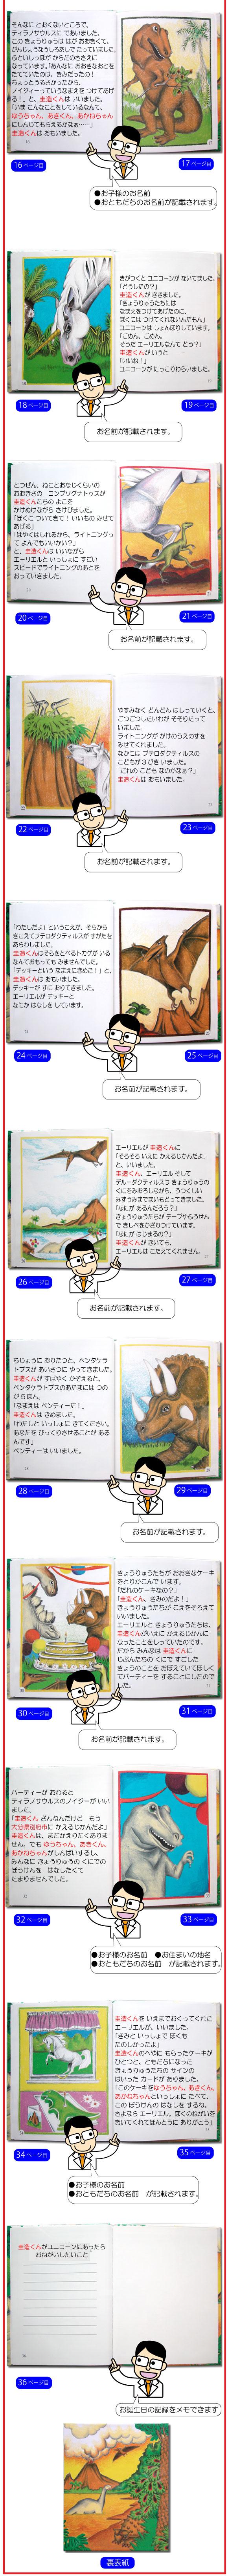 オーダーメイド絵本「恐竜の国での冒険」の中身